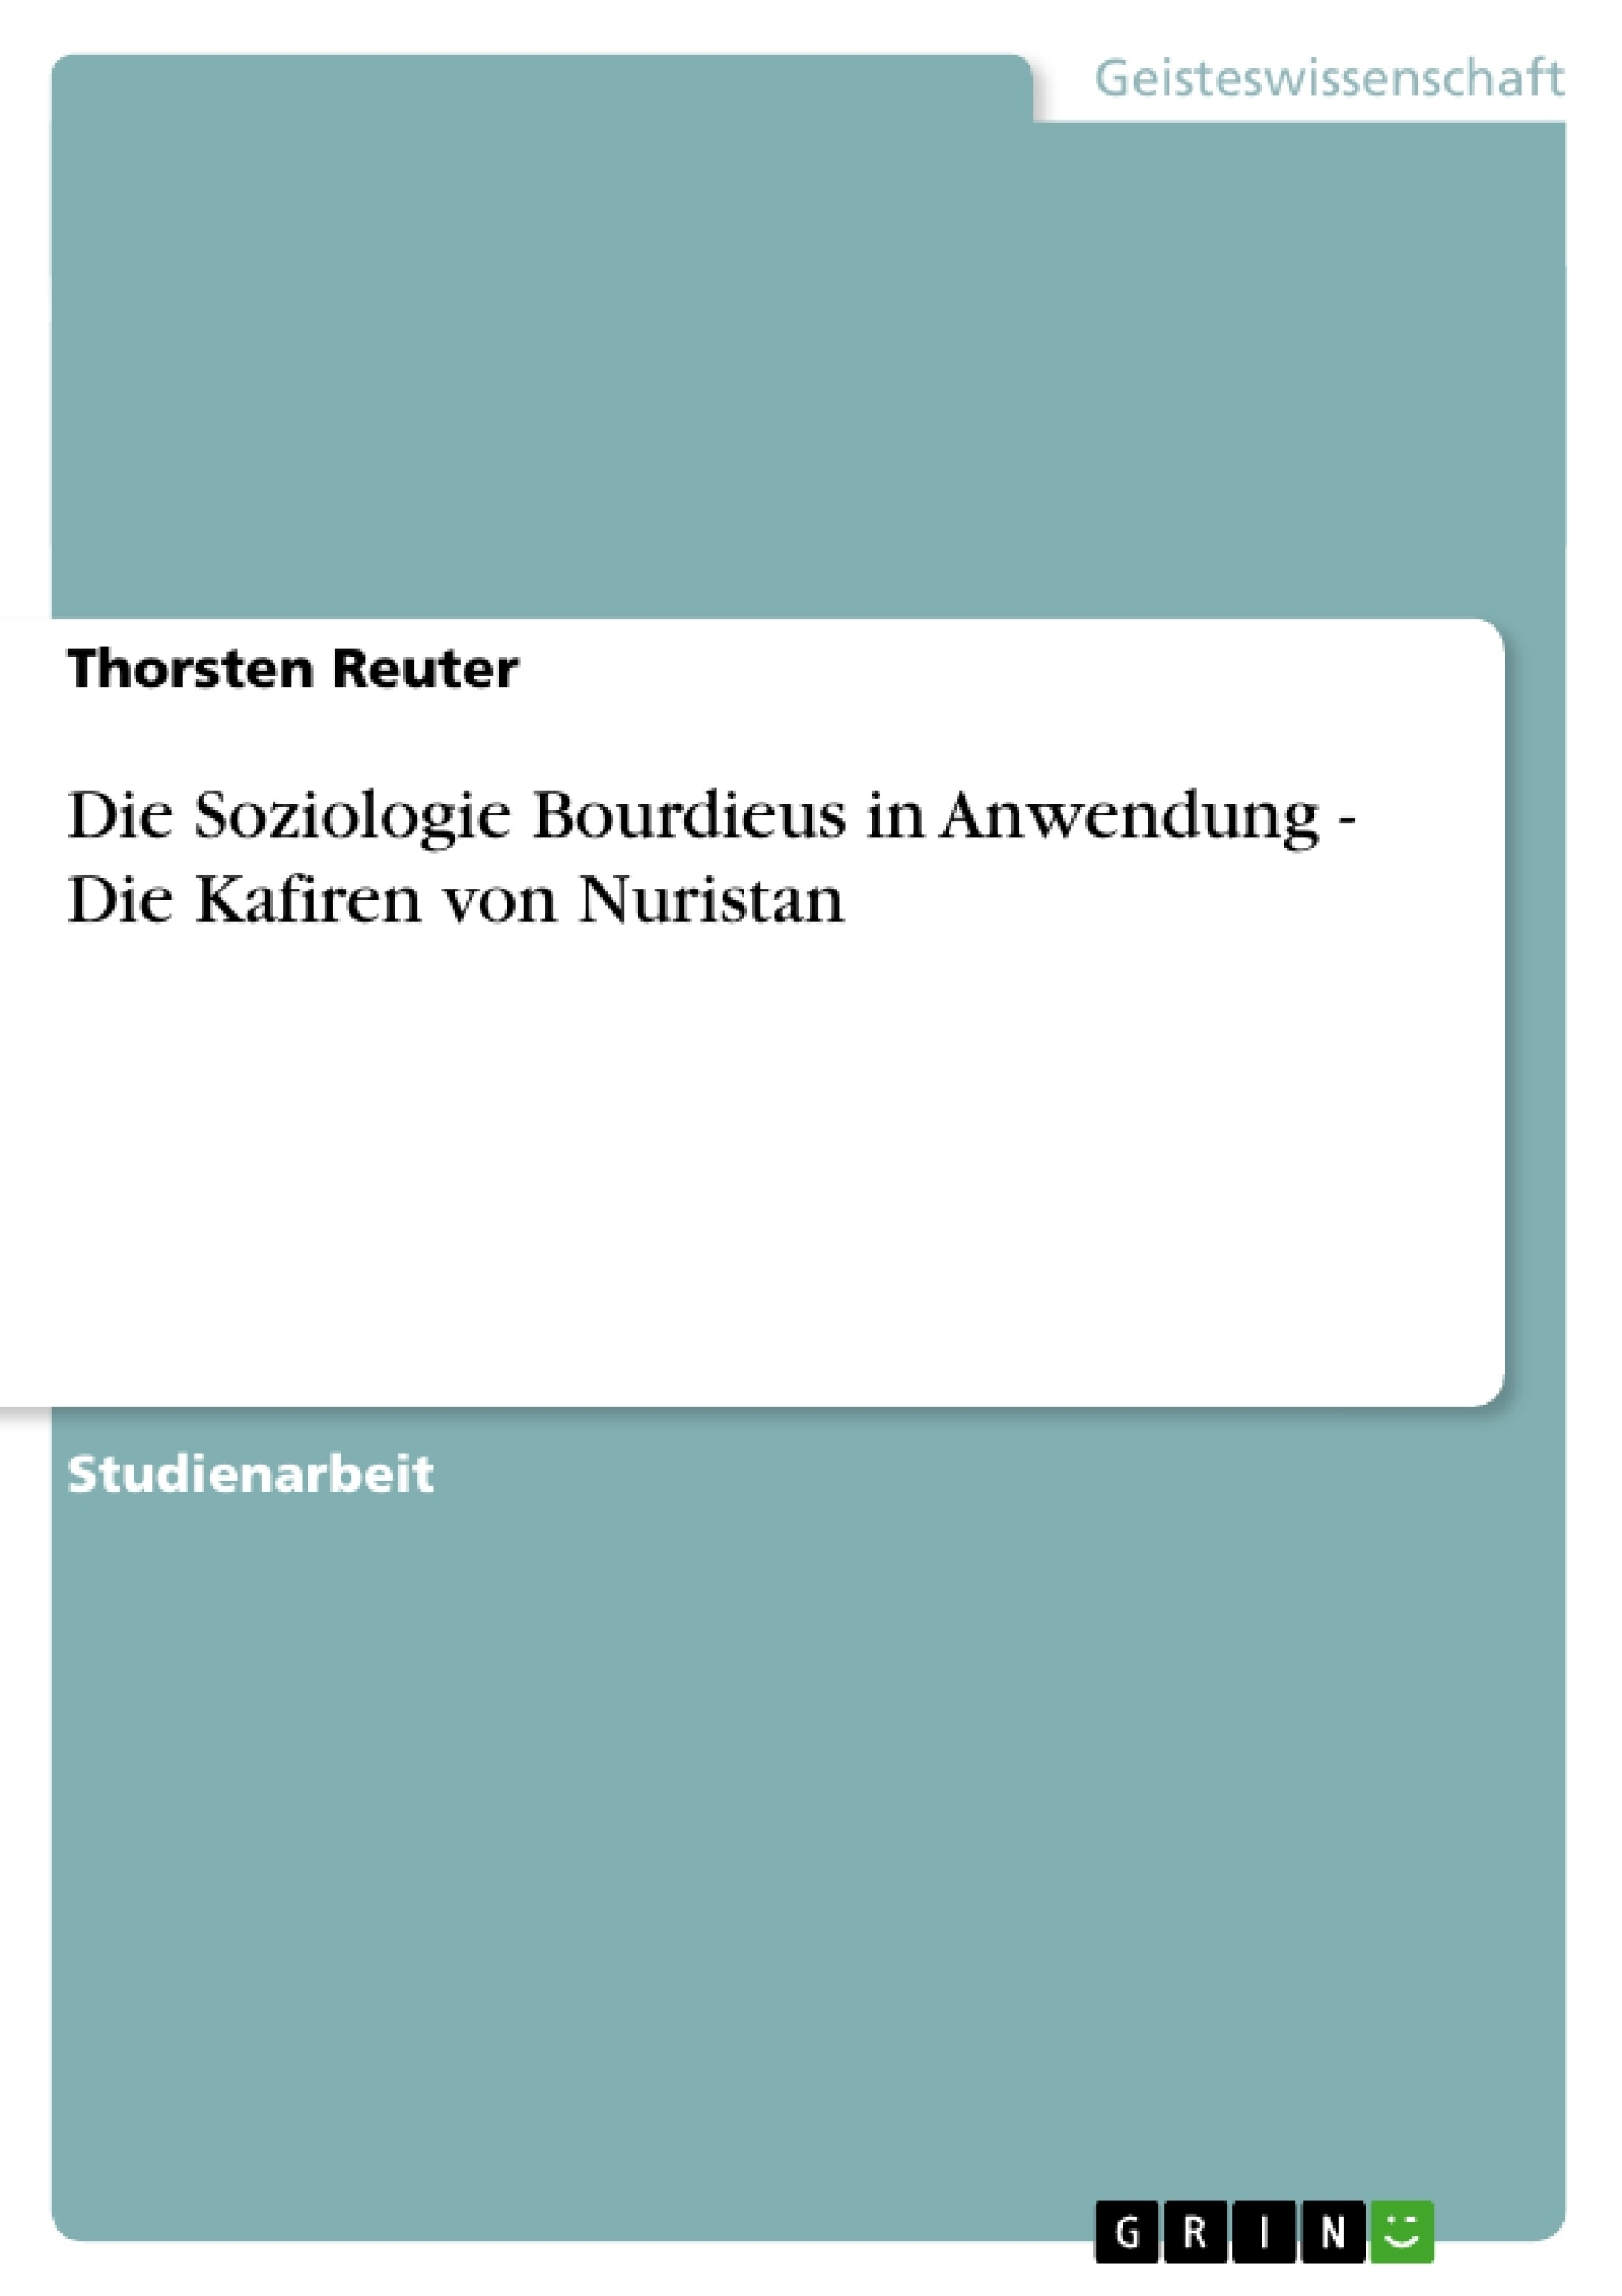 Titel: Die Soziologie Bourdieus in Anwendung - Die Kafiren von Nuristan